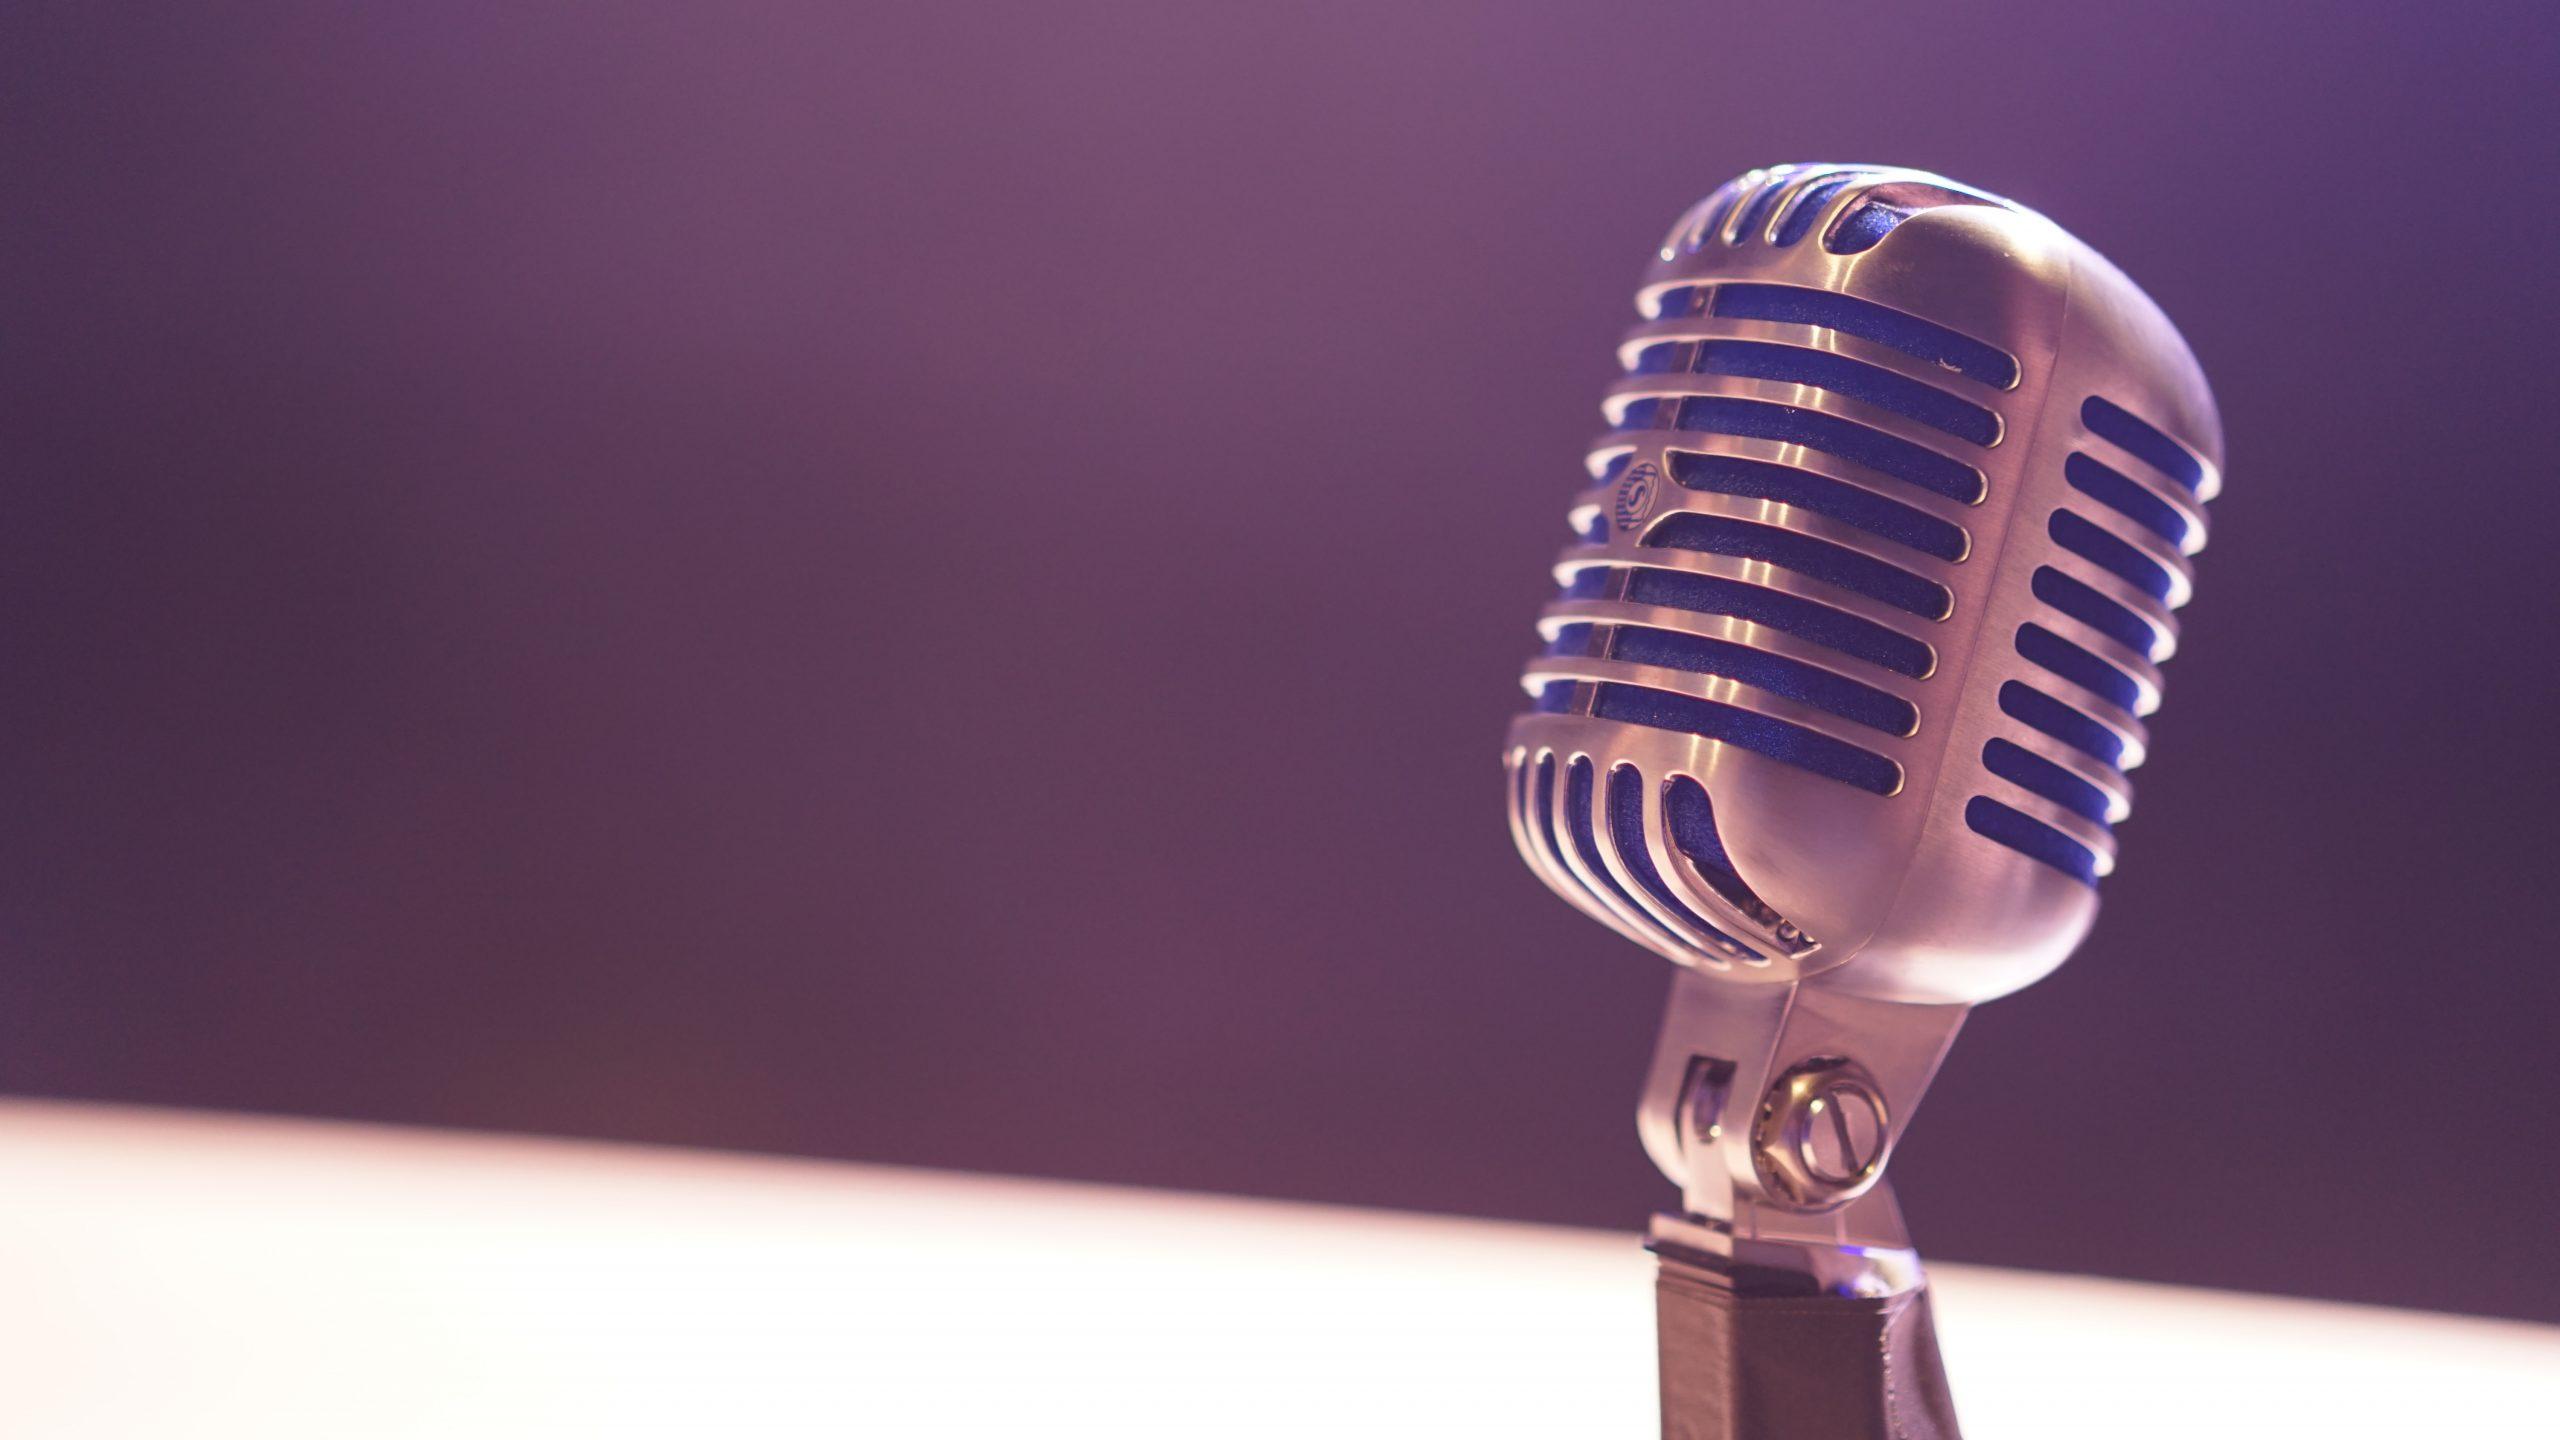 rise of audio